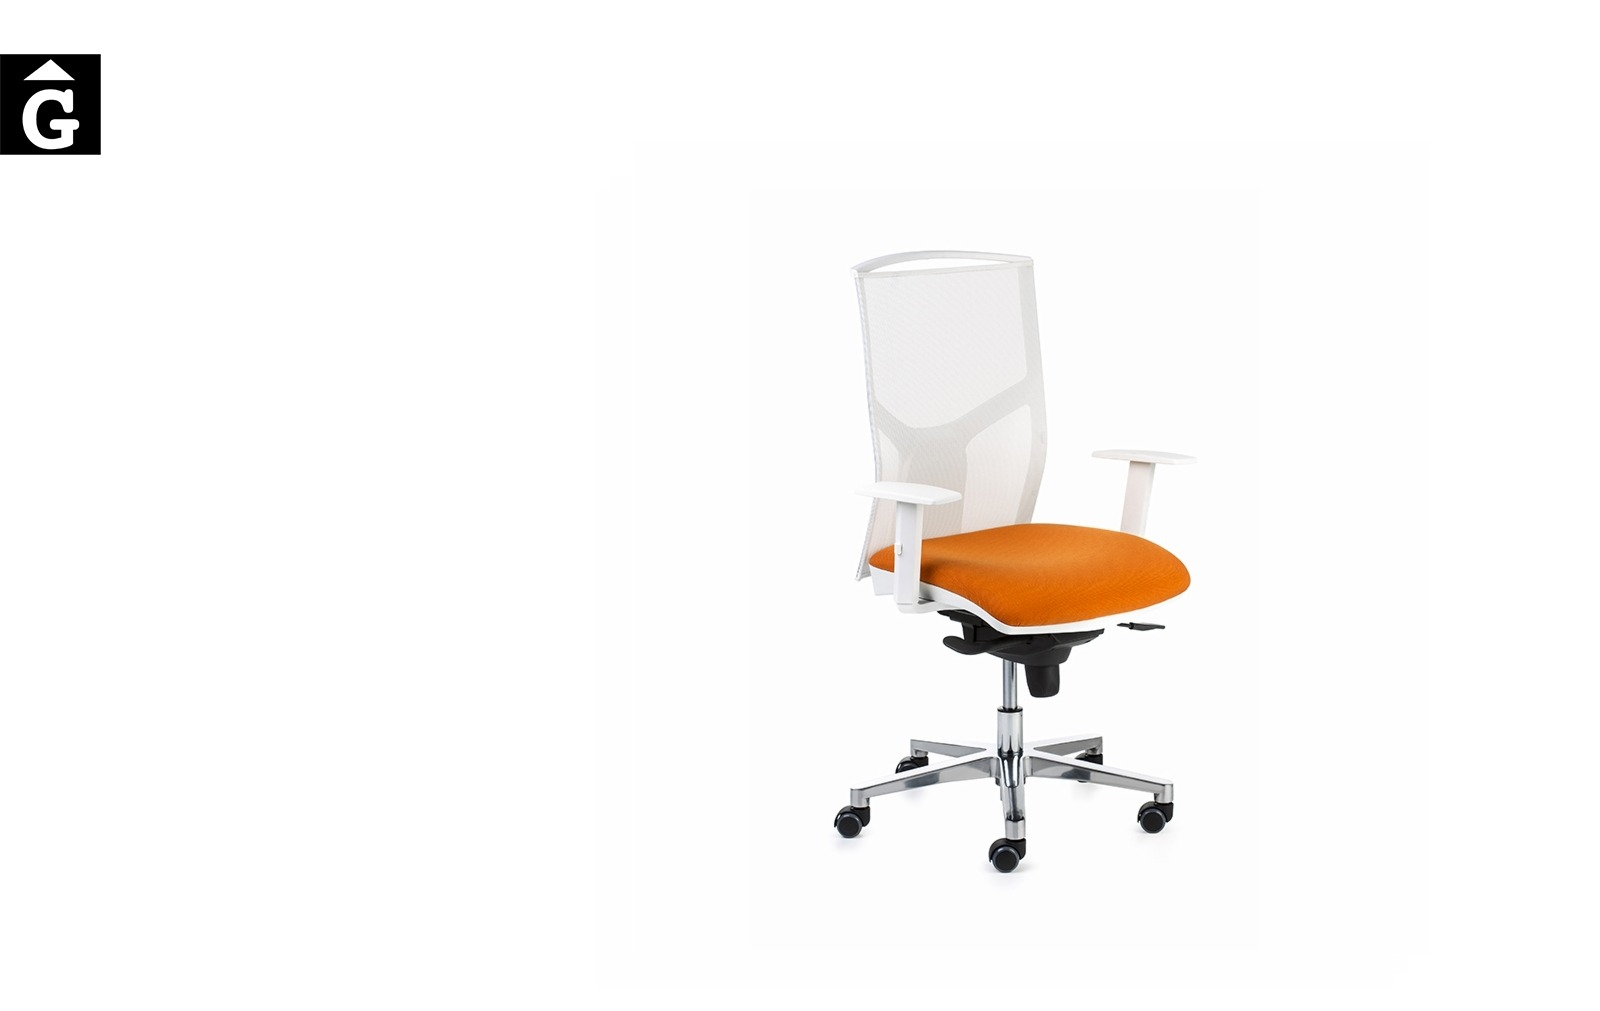 Cadira despatx Akita Pro | Blanc i taronja | Vista genreral | Dile | mobiliari d'oficina molt interessant | Dileoffice | mobles Gifreu | botiga | Contract | Mobles nous oficina